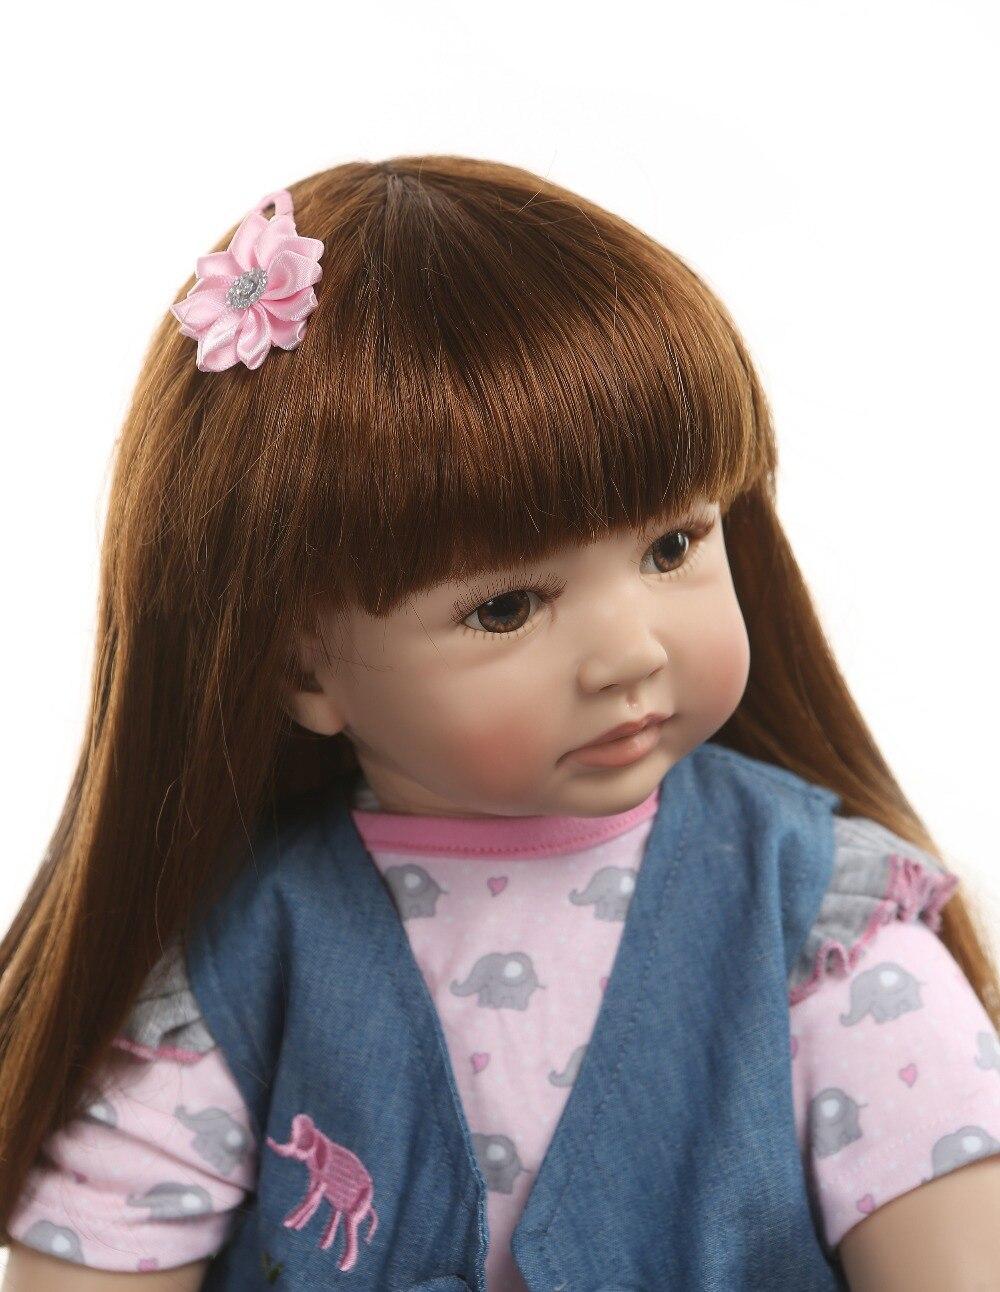 NPK 60 cm silicona Reborn Baby Doll juguetes para niñas exquisito vinilo princesa niño vivo Bebe bebés moda cumpleaños infantil regalo-in Muñecas from Juguetes y pasatiempos    3